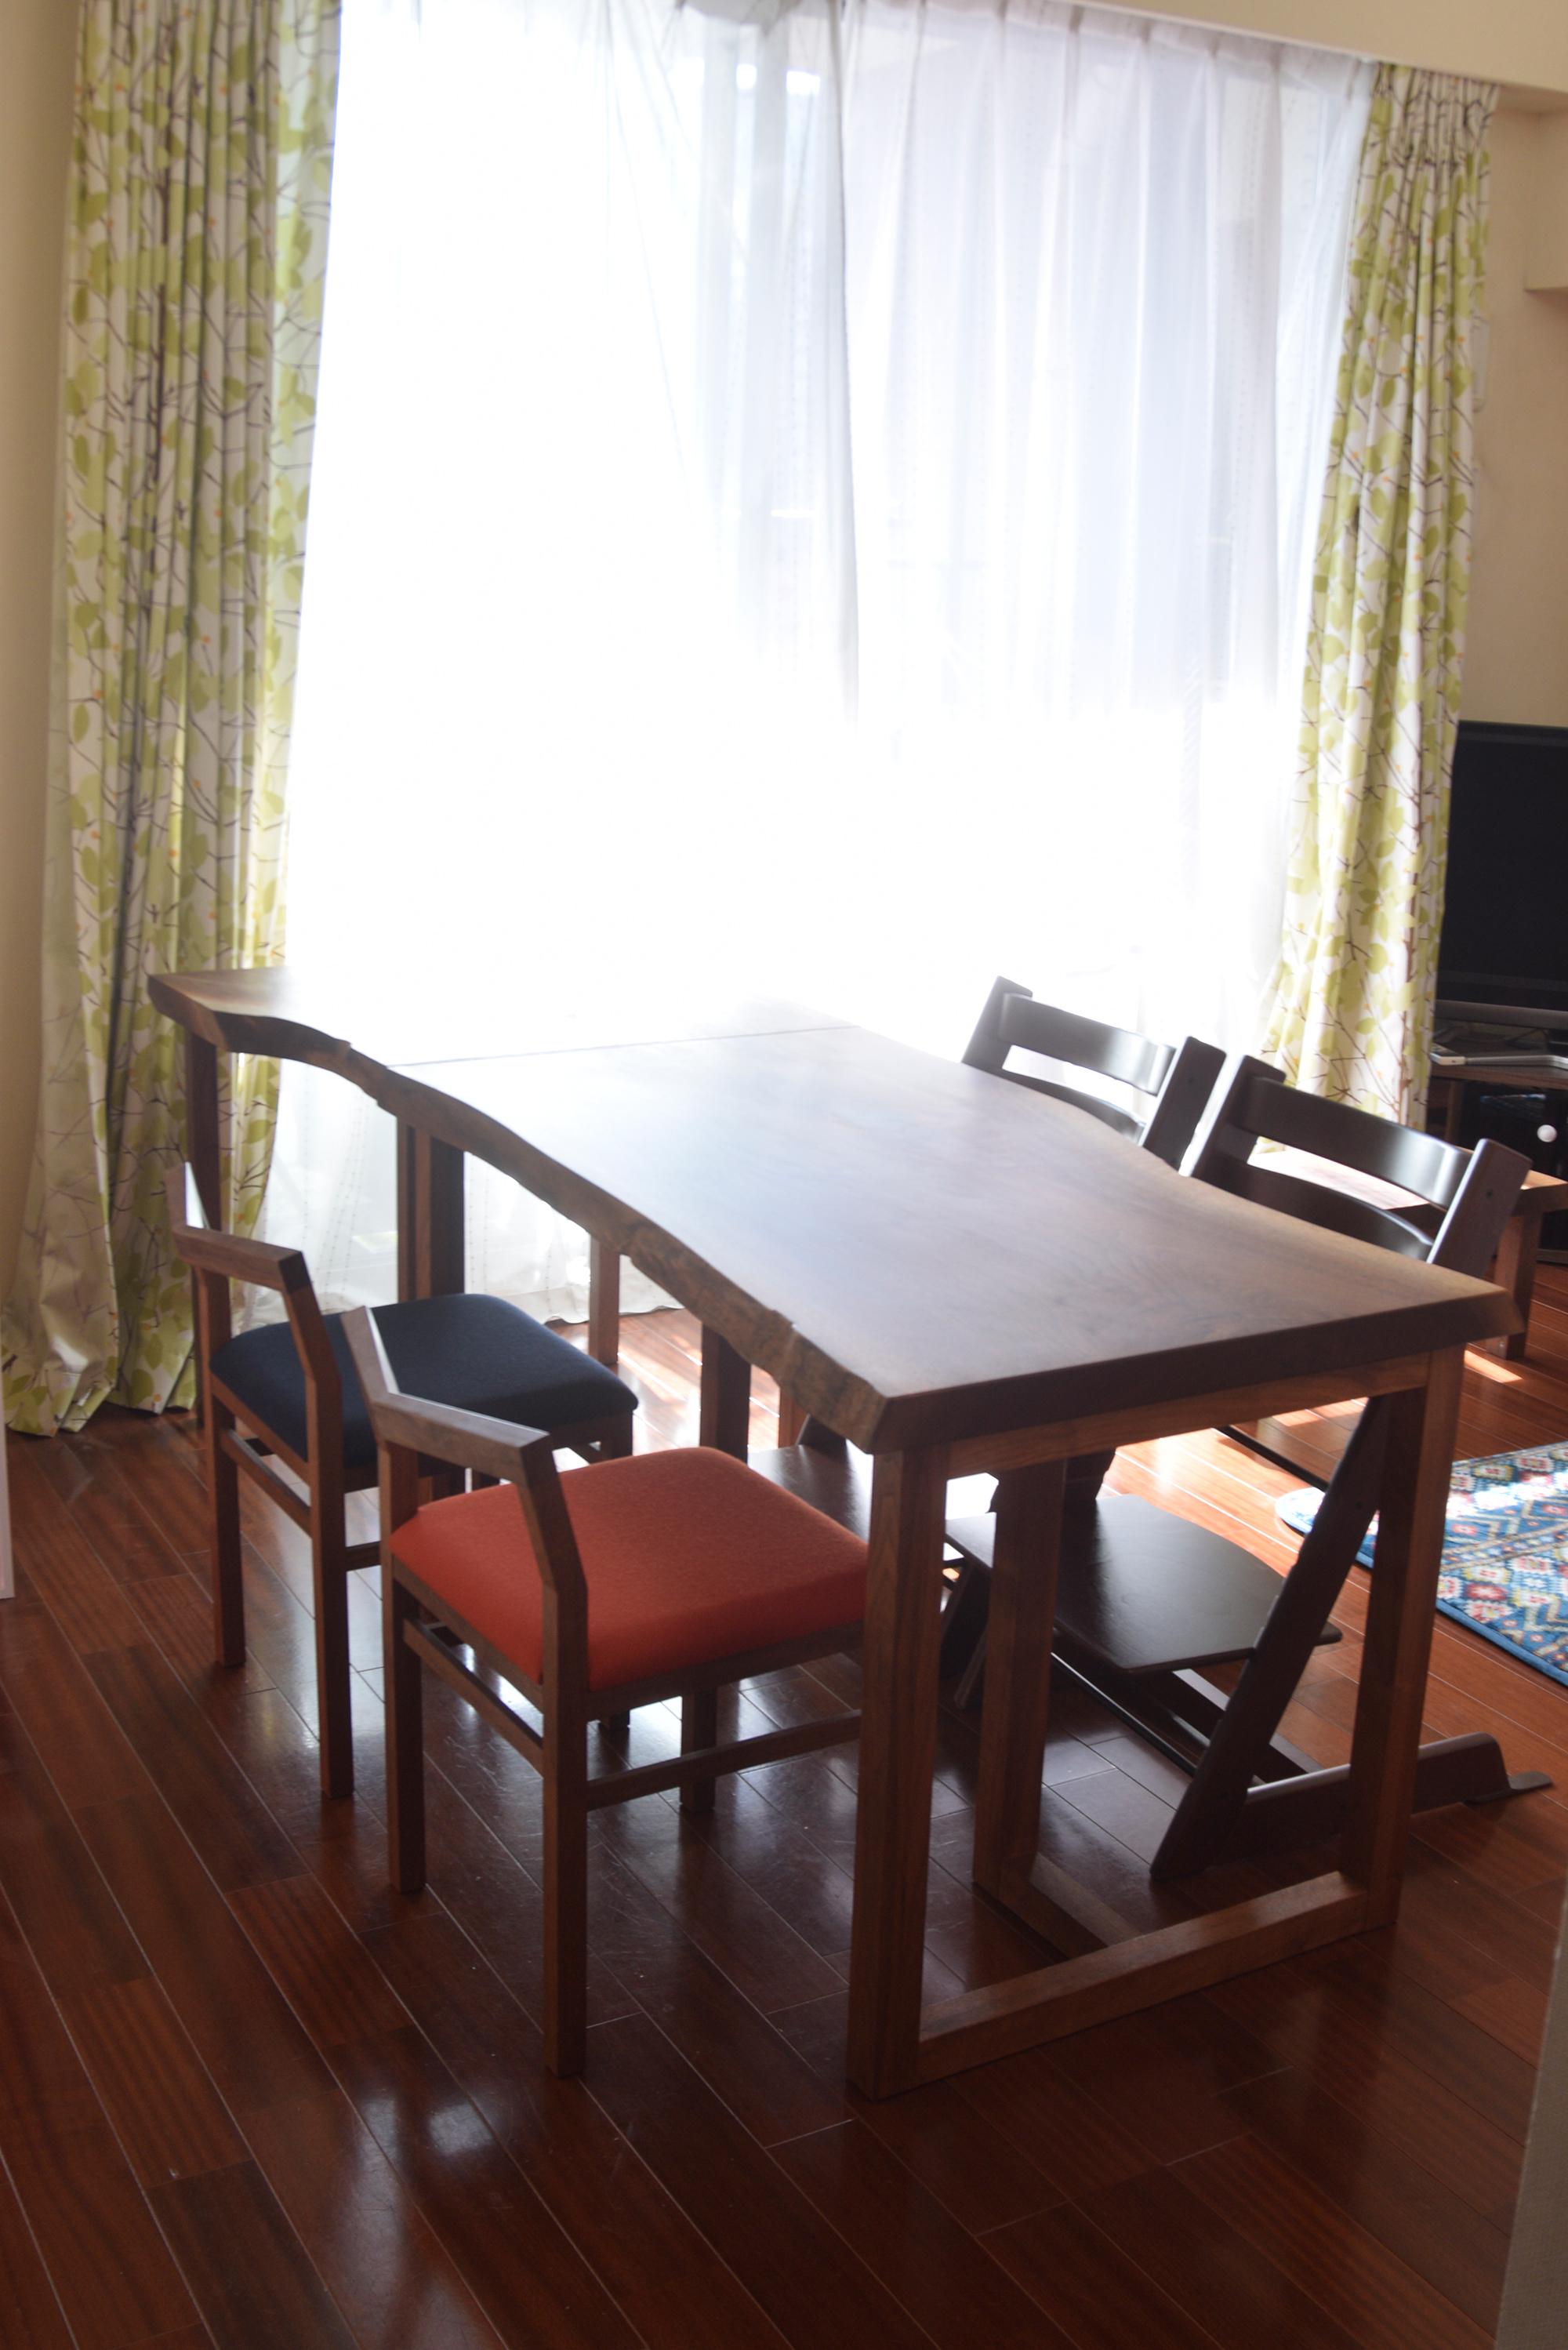 新しくご納品したテーブルと合わせて大きなダイニングテーブルに